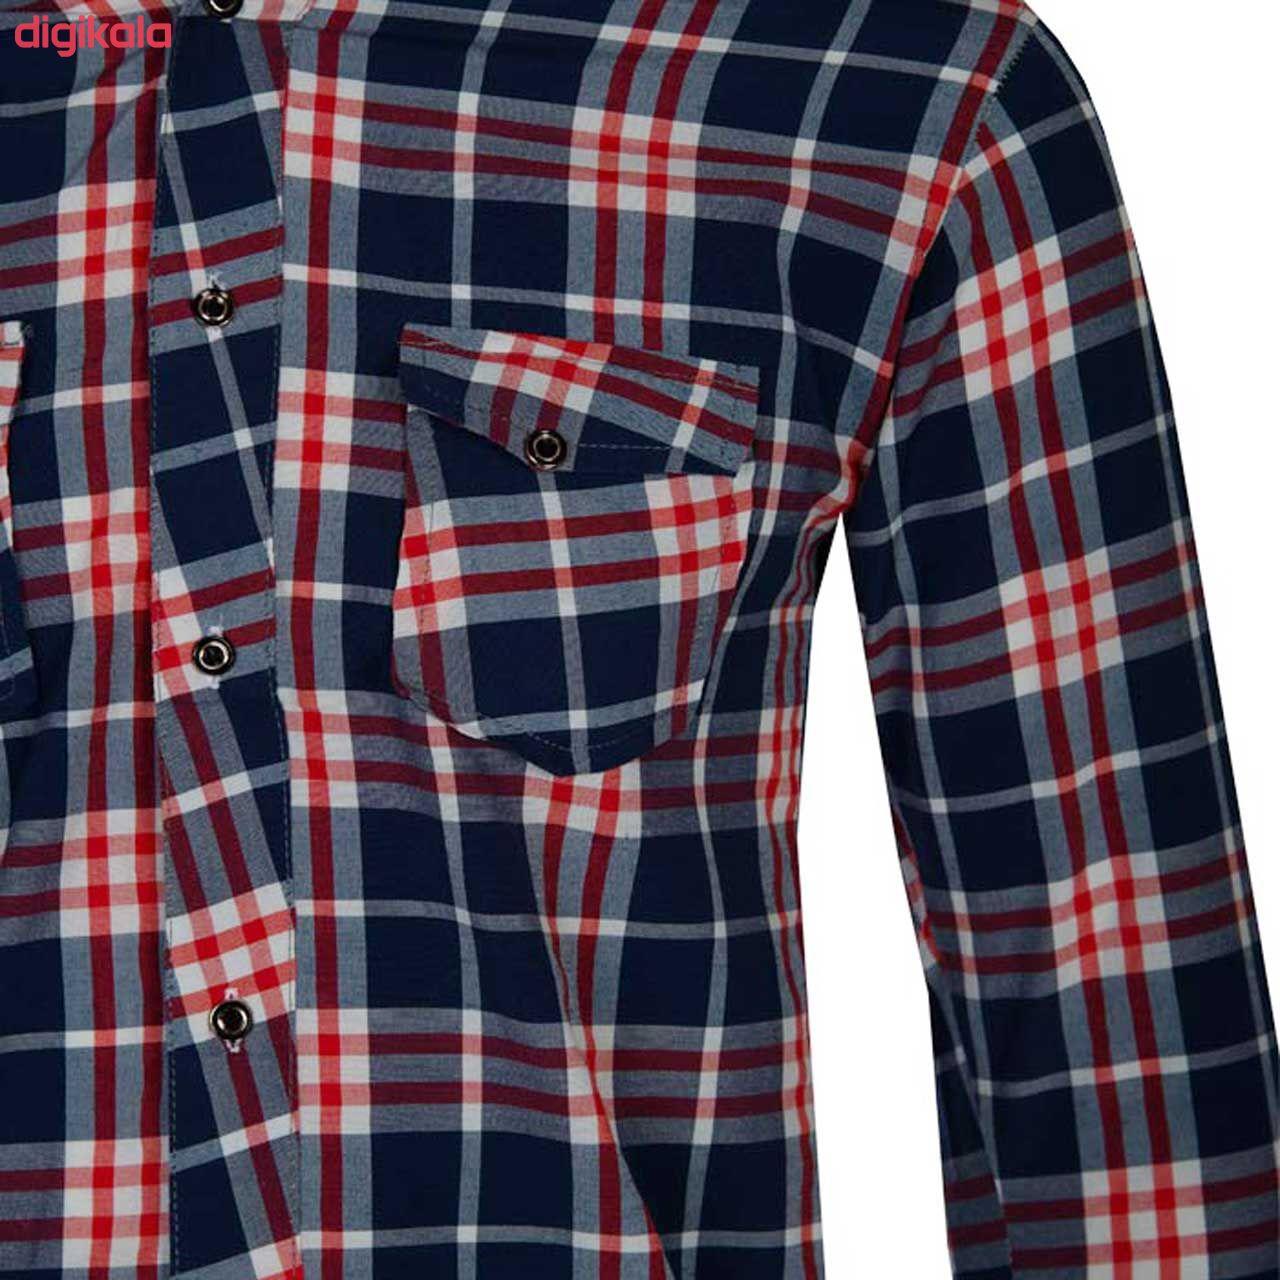 پیراهن مردانه کد 230000405 main 1 3